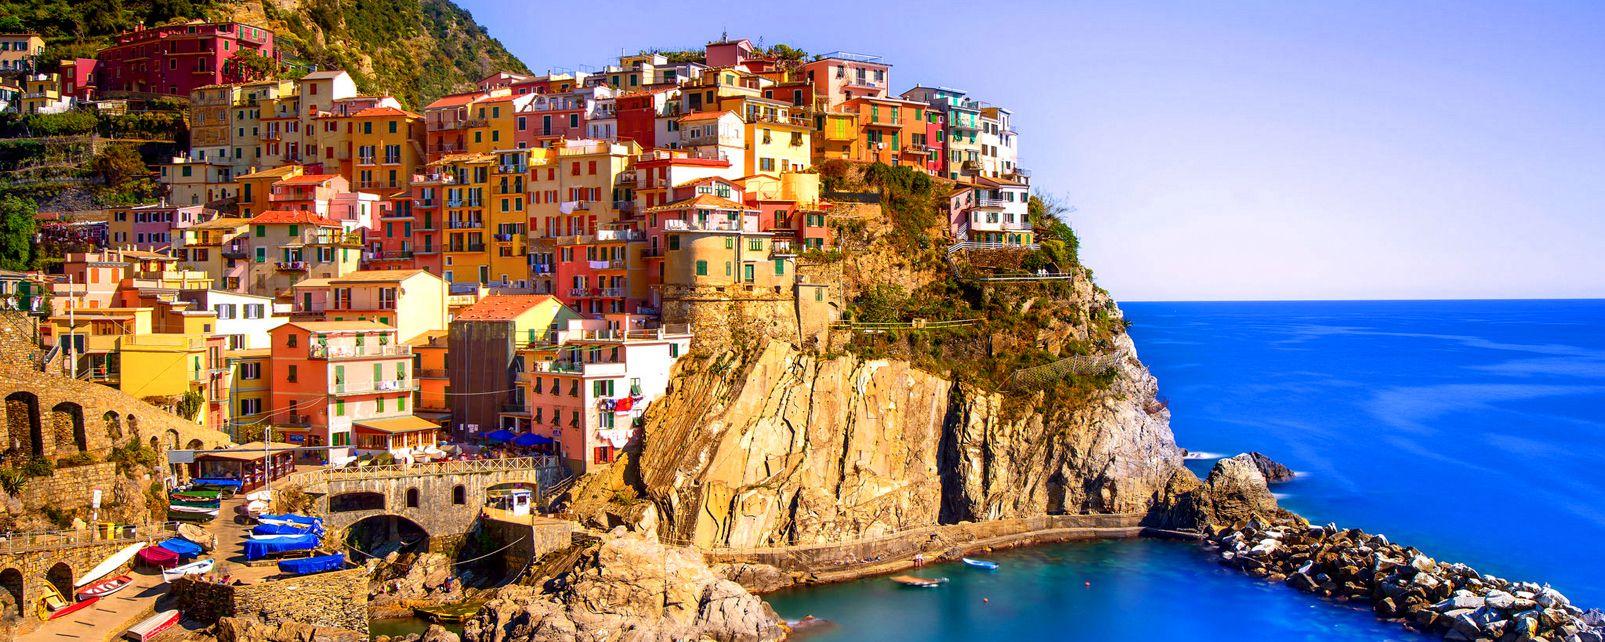 Golfo del Paraiso , Las «Cinque Terre» , Italia